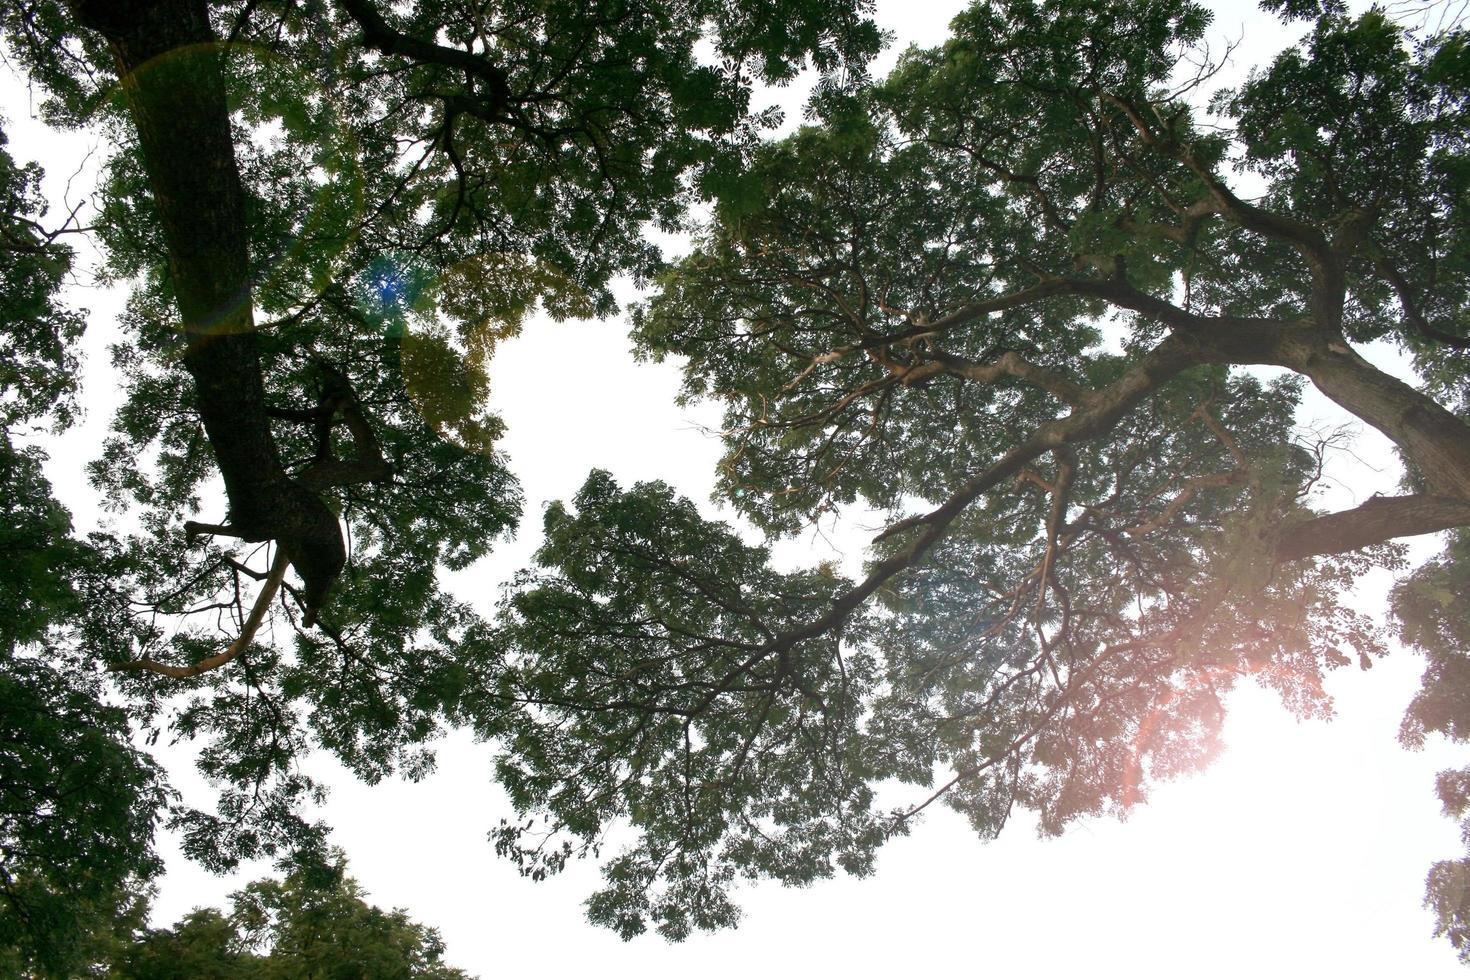 rami spogli di un albero foto